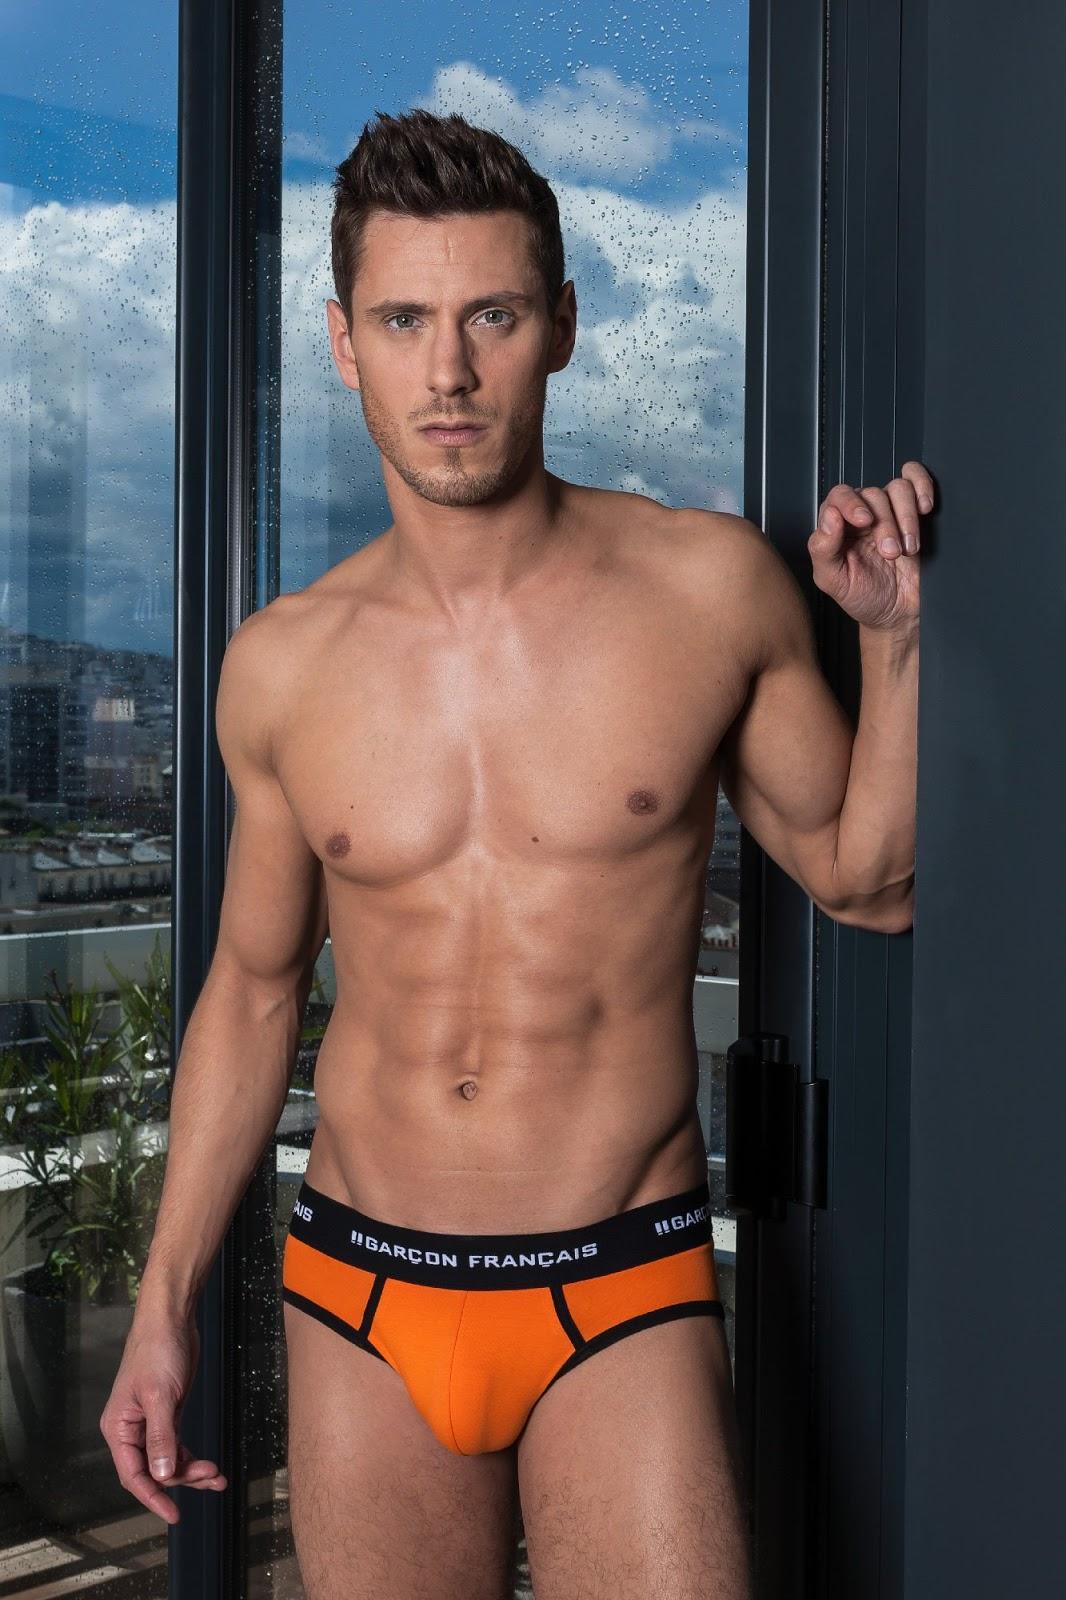 Garcon Francais underwear - orange briefs